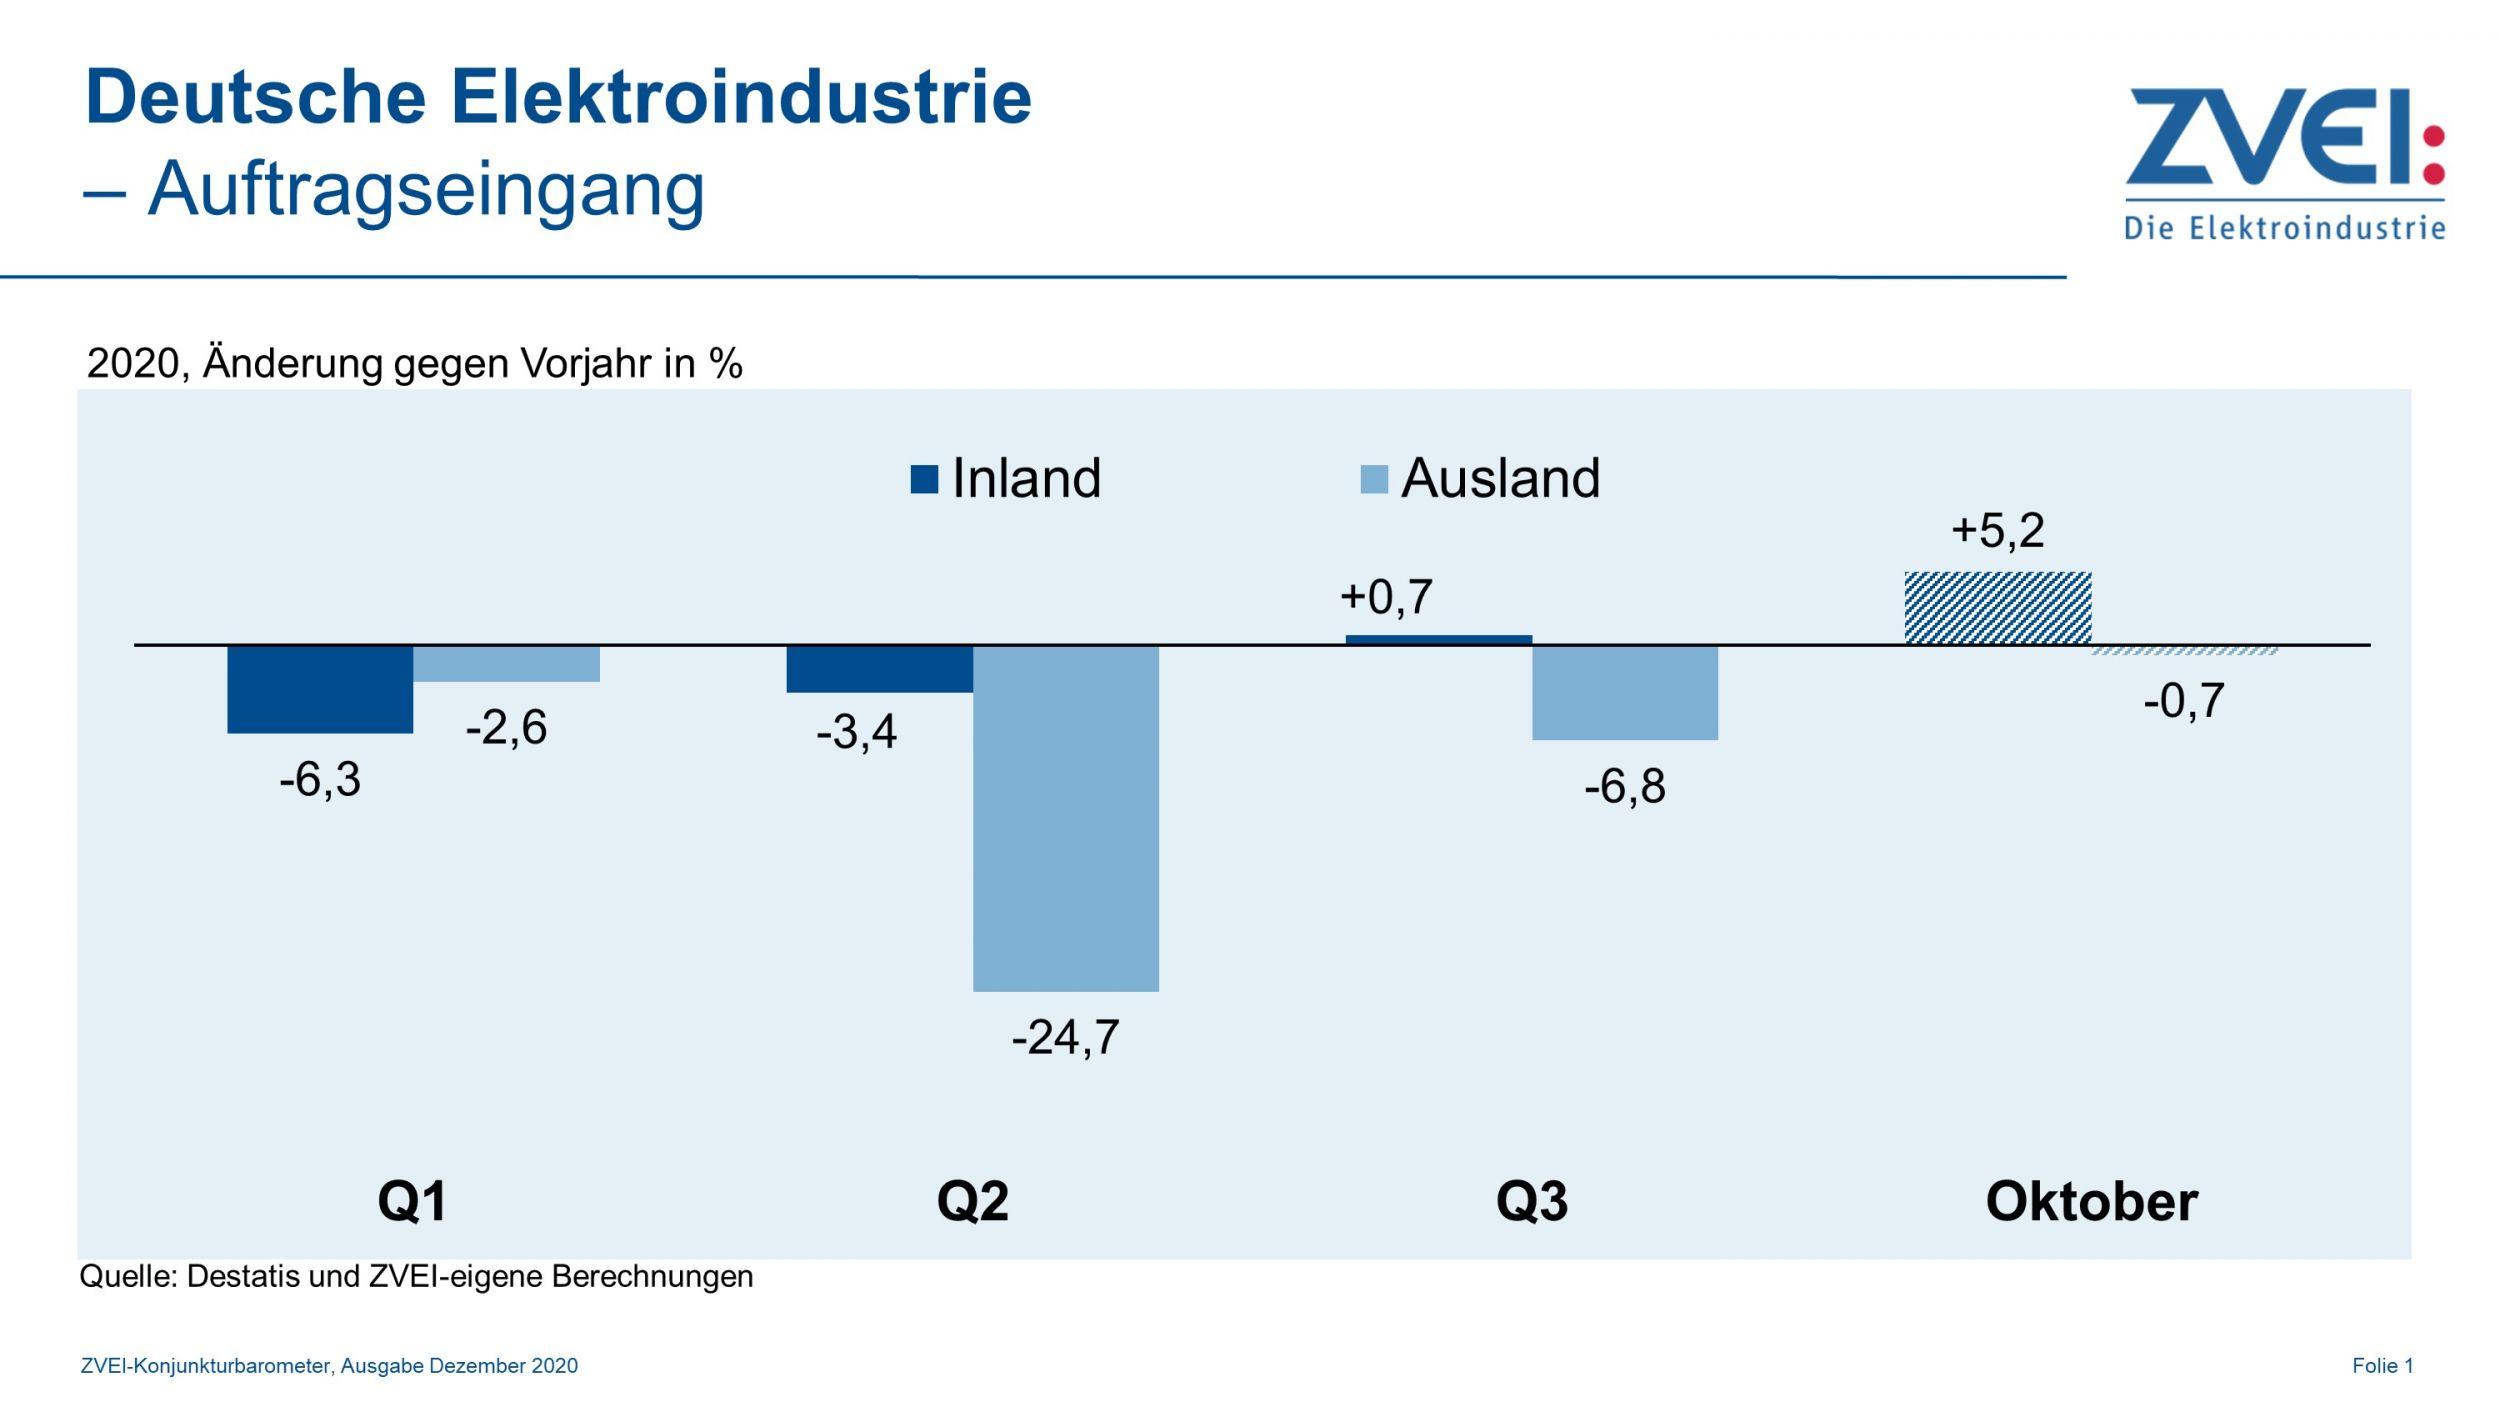 Deutsche Elektroindustrie im Oktober wieder mit Zuwachs